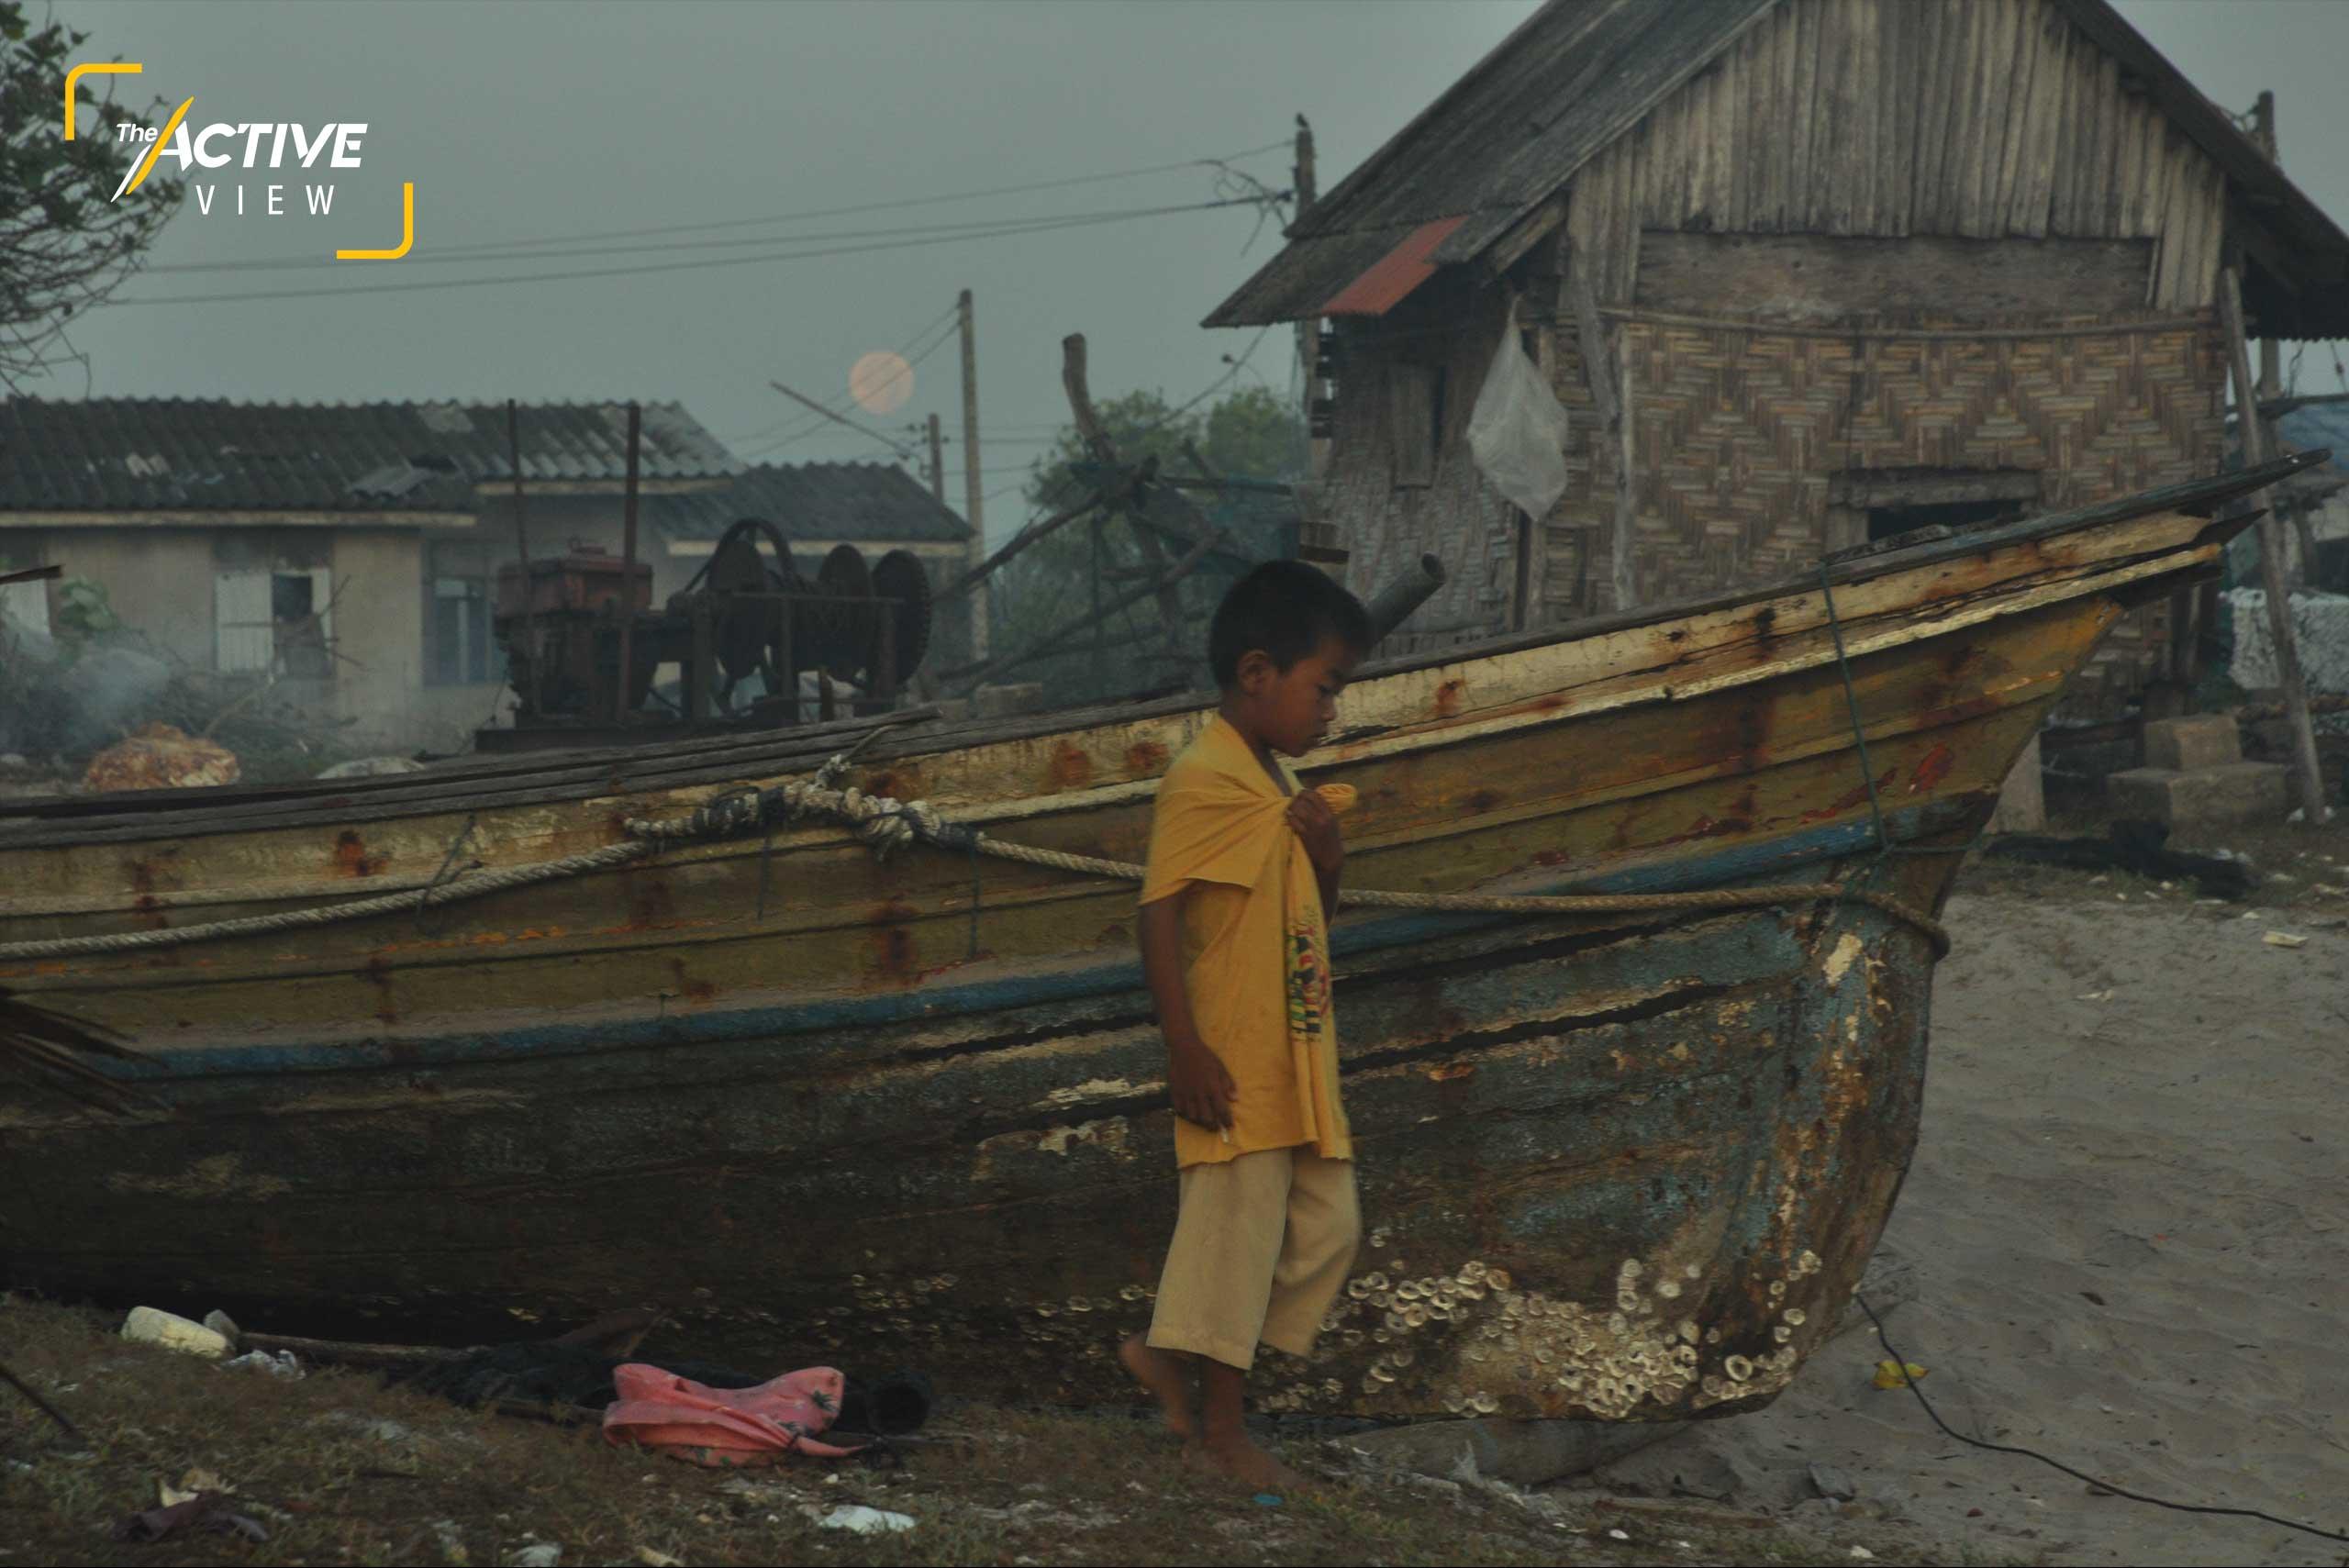 ก้าวเดินของ เด็ก ๆ ที่ทะเลจะนะ กับซากเรือเก่า แม้ผุพัง แต่ก็ยังซ่อมได้